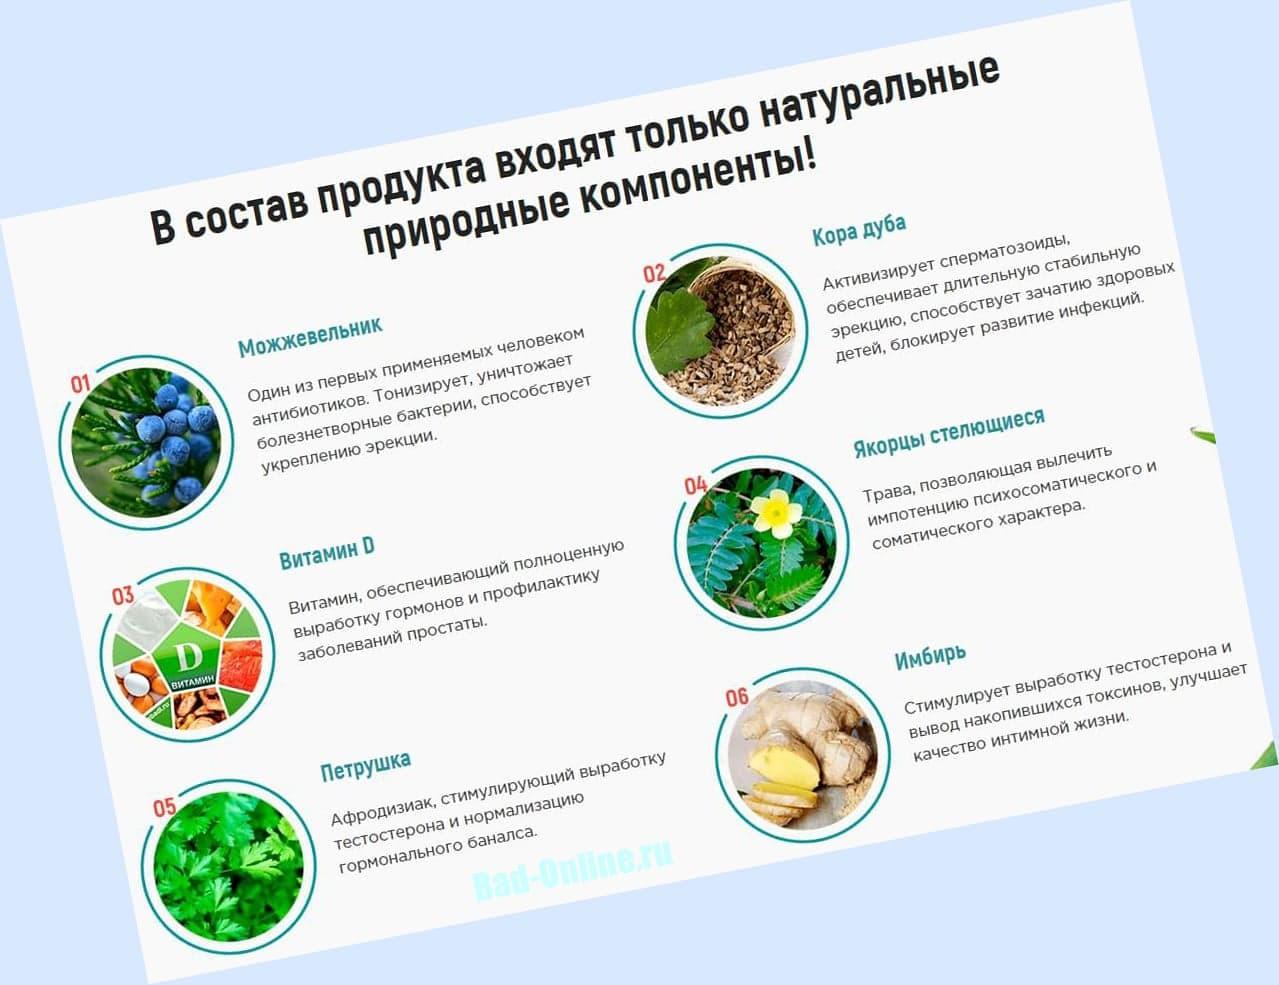 Полный состав препарата Urotrin